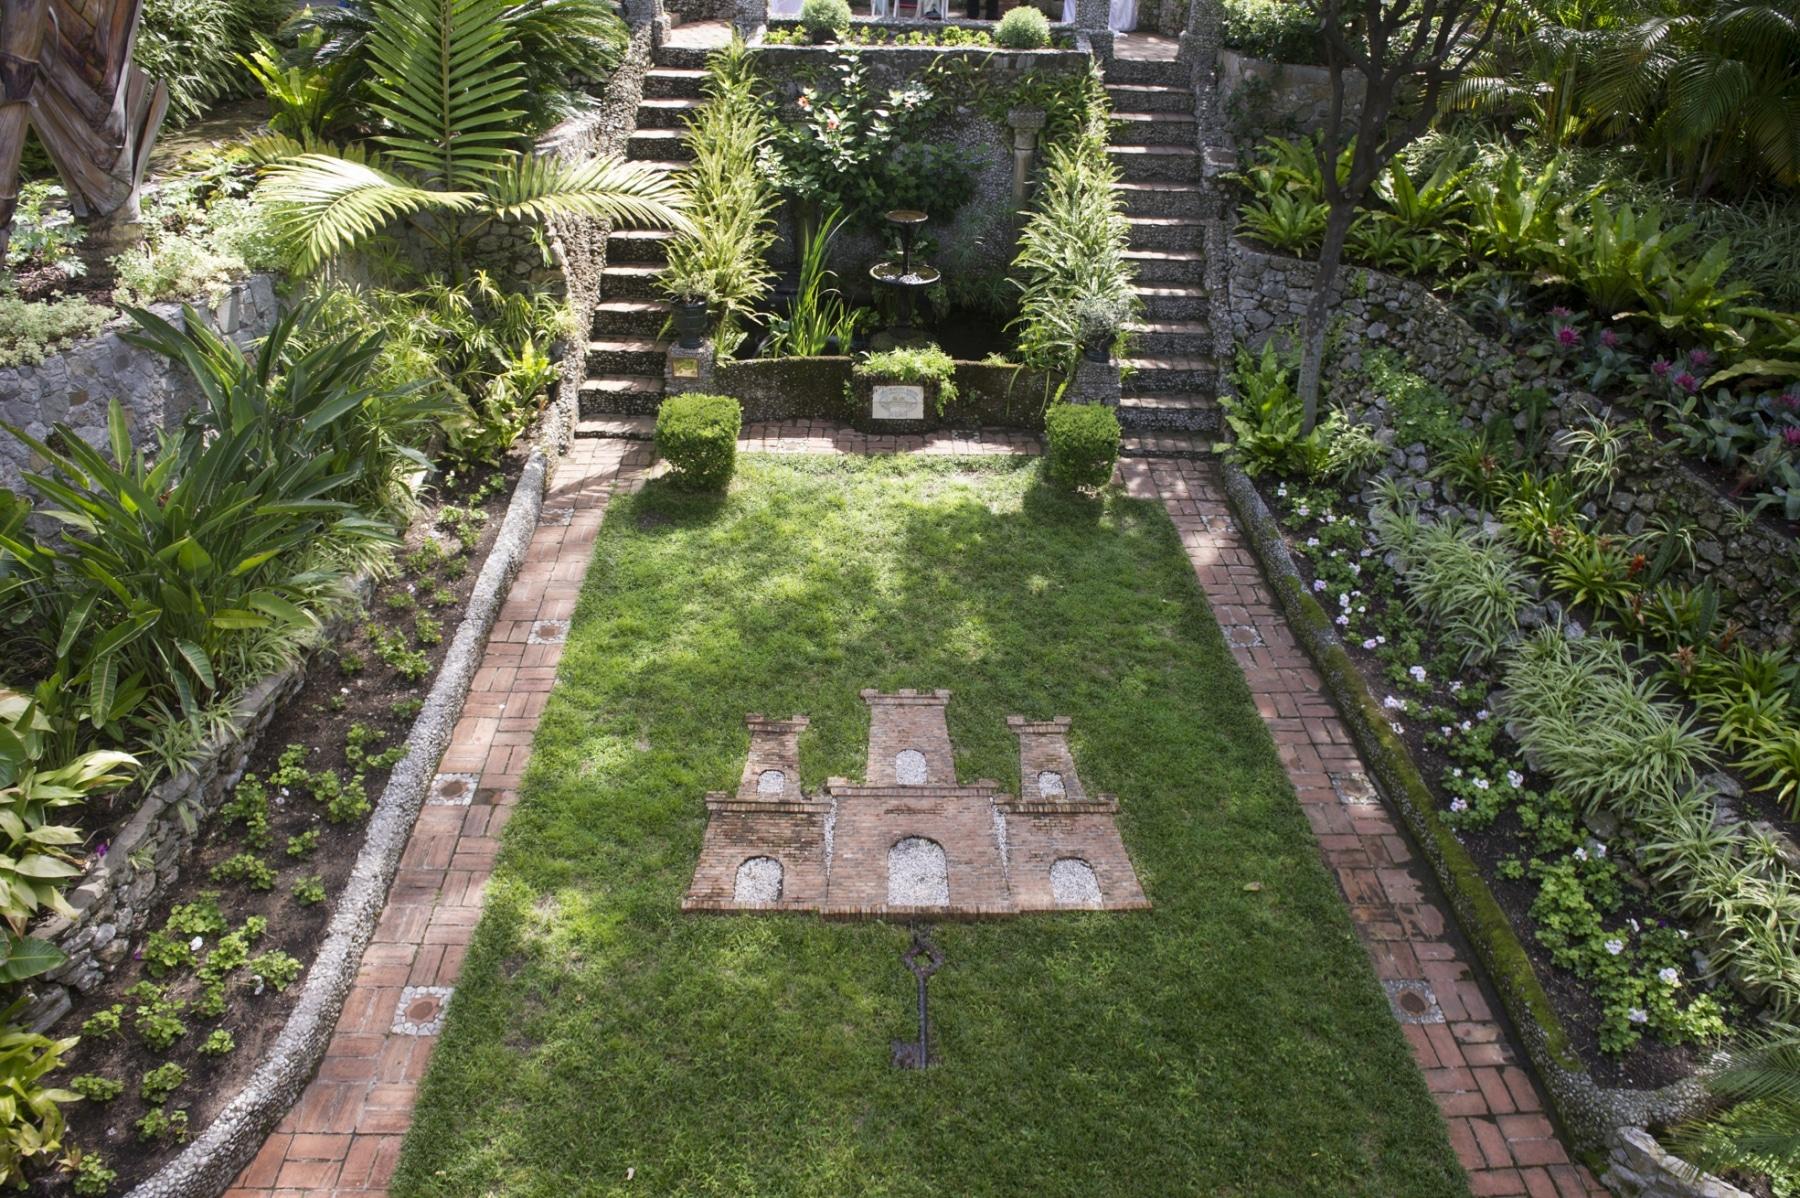 alameda-gardens-6_39603355122_o